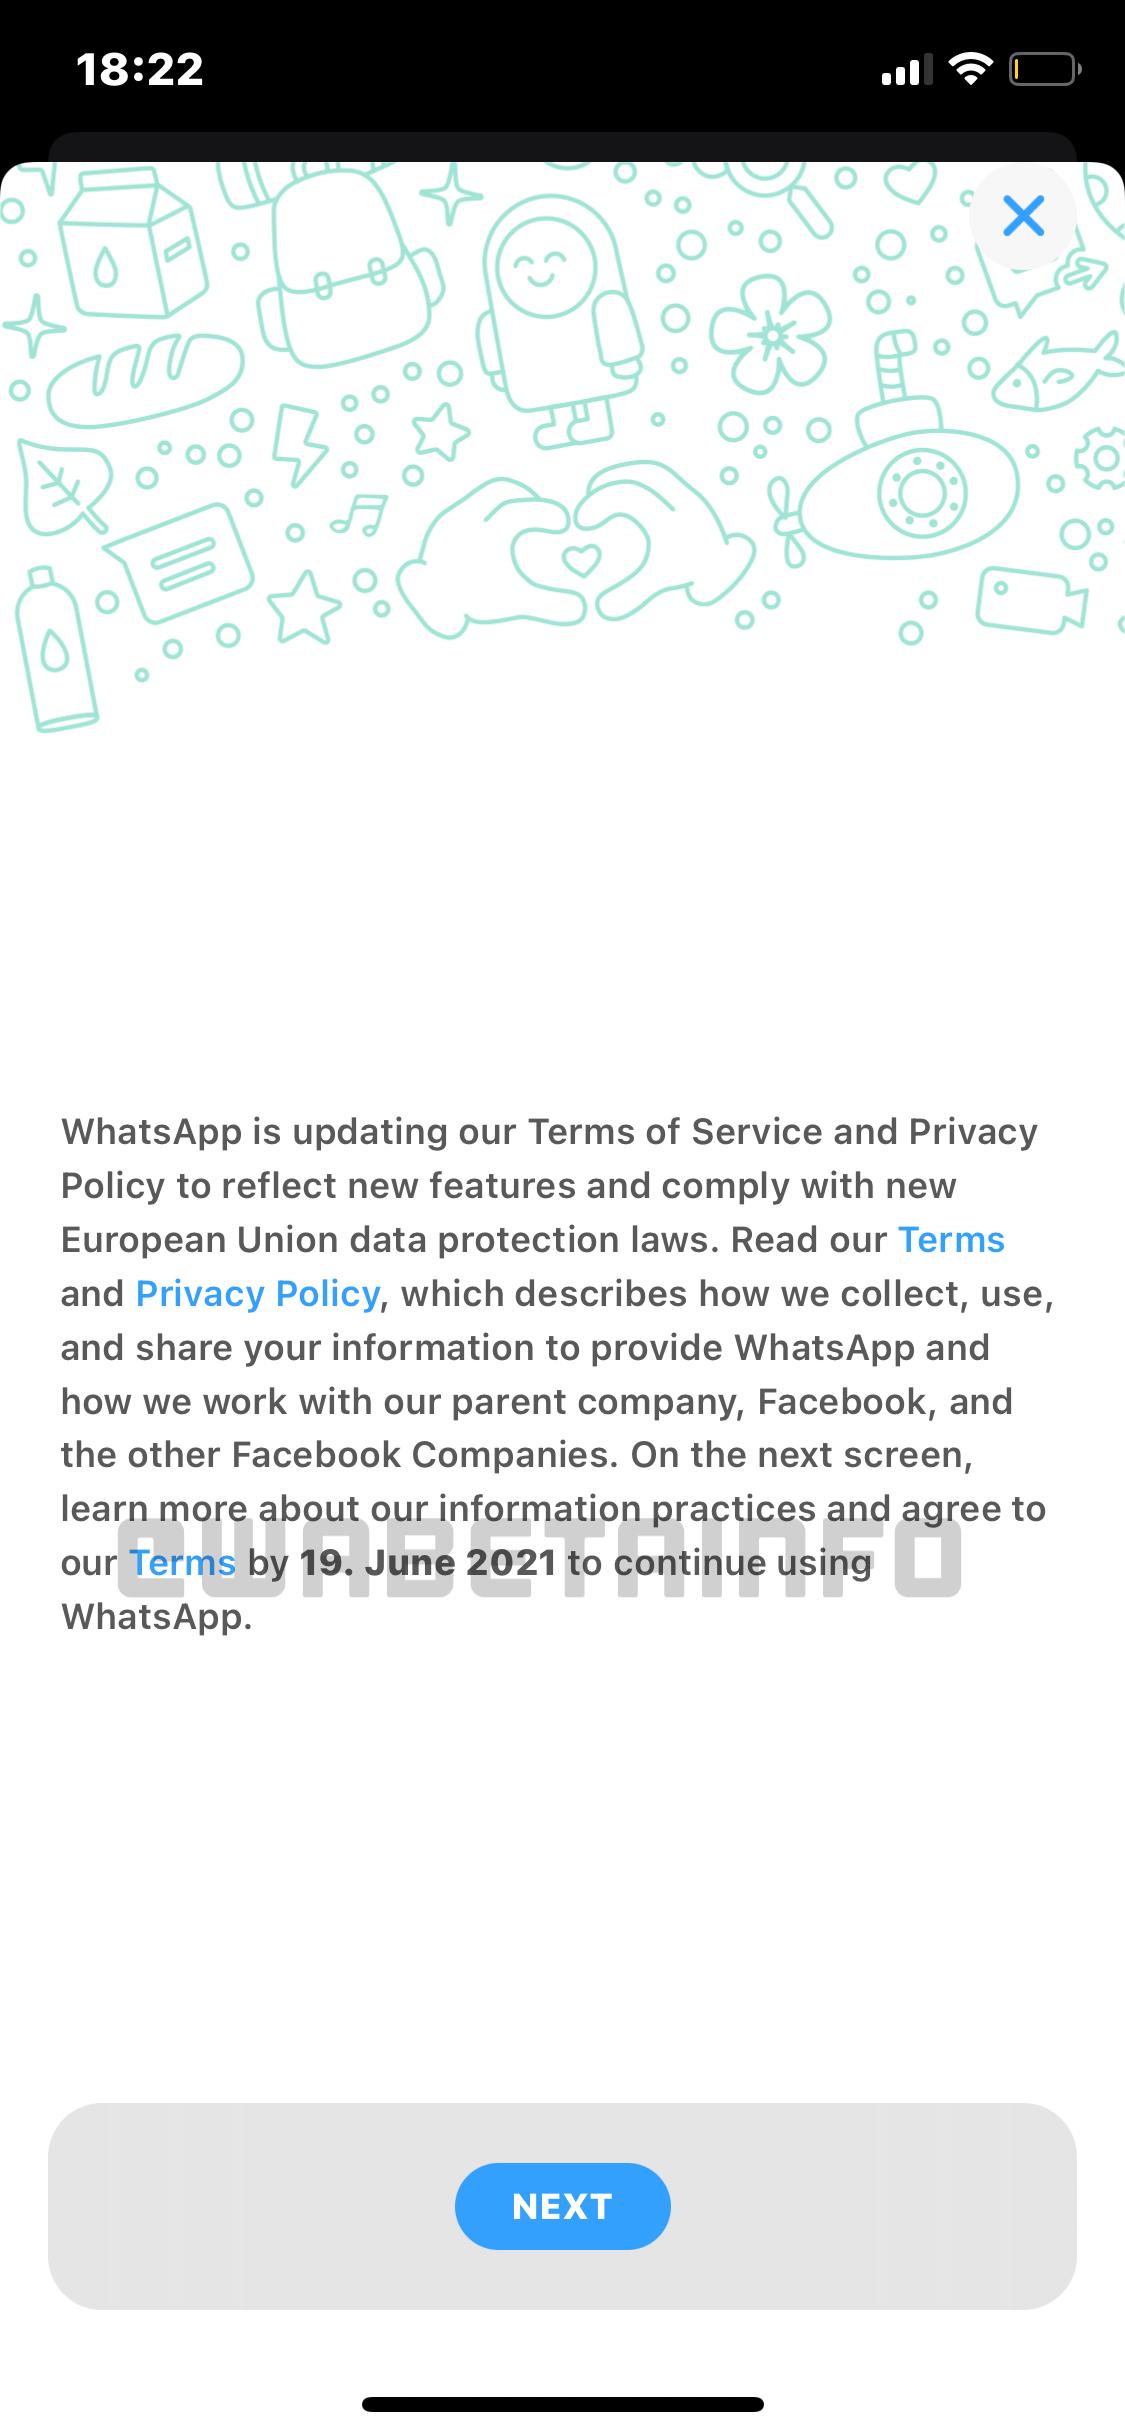 whatsapp termini di servizio 19 giugno